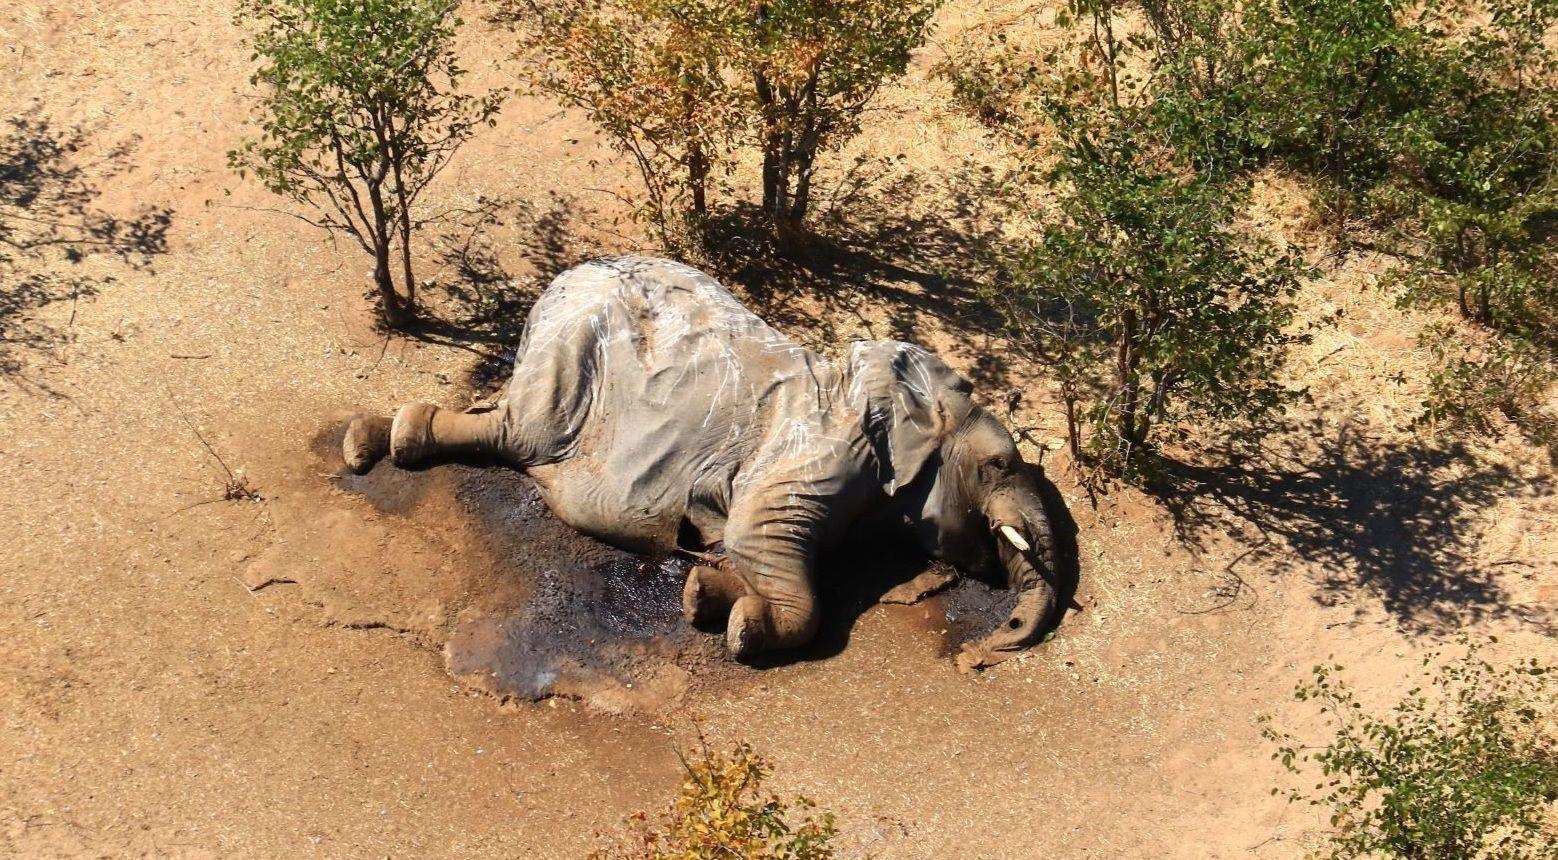 Extraña muerte de elefantes en el sur de África. Se desconoce la causa.